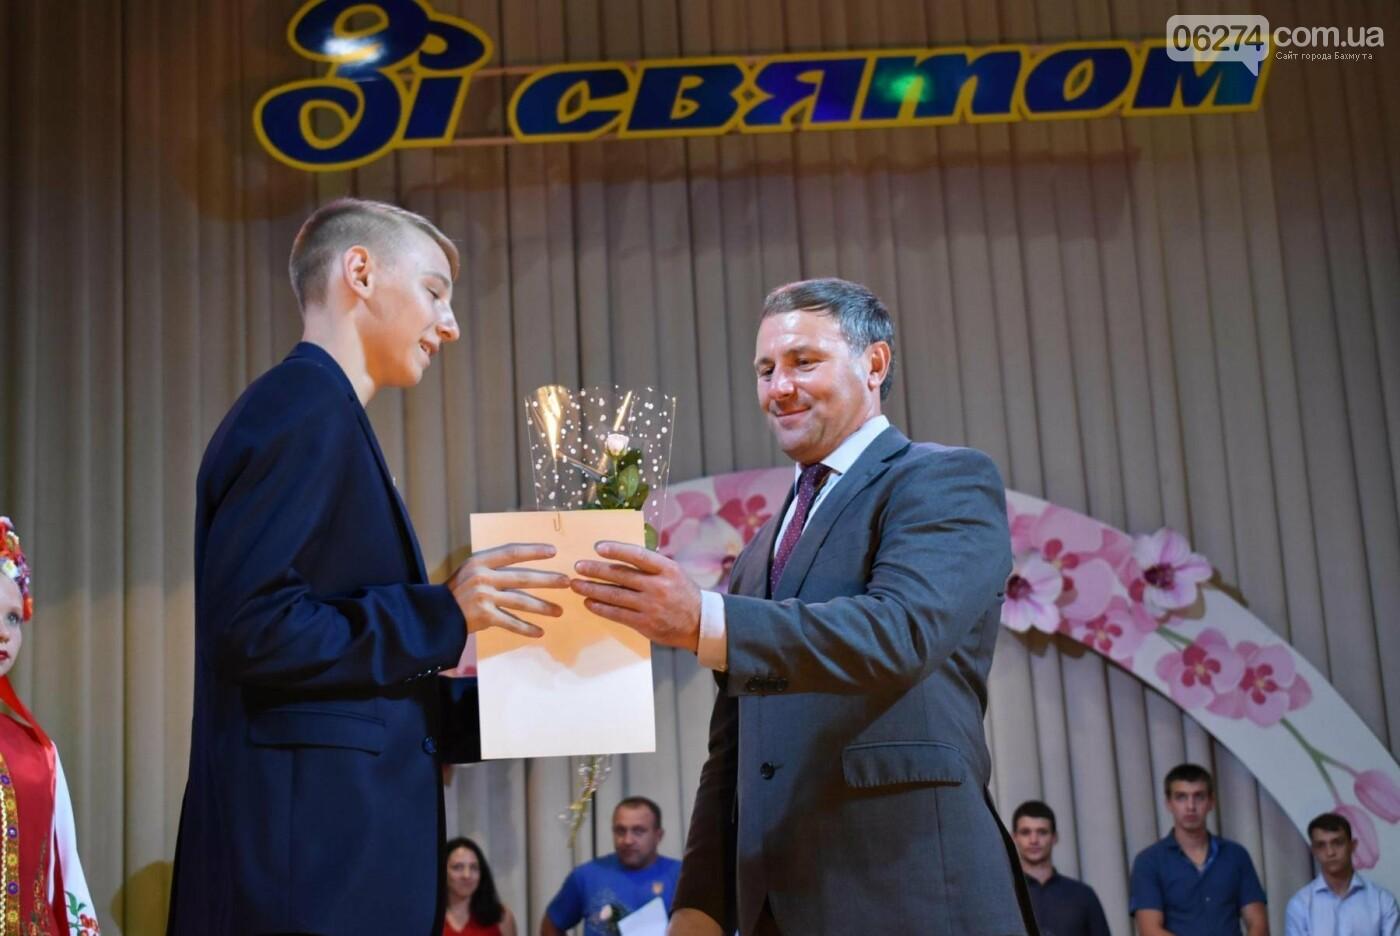 В Бахмуте поздравили работников физической культуры и спорта, фото-12